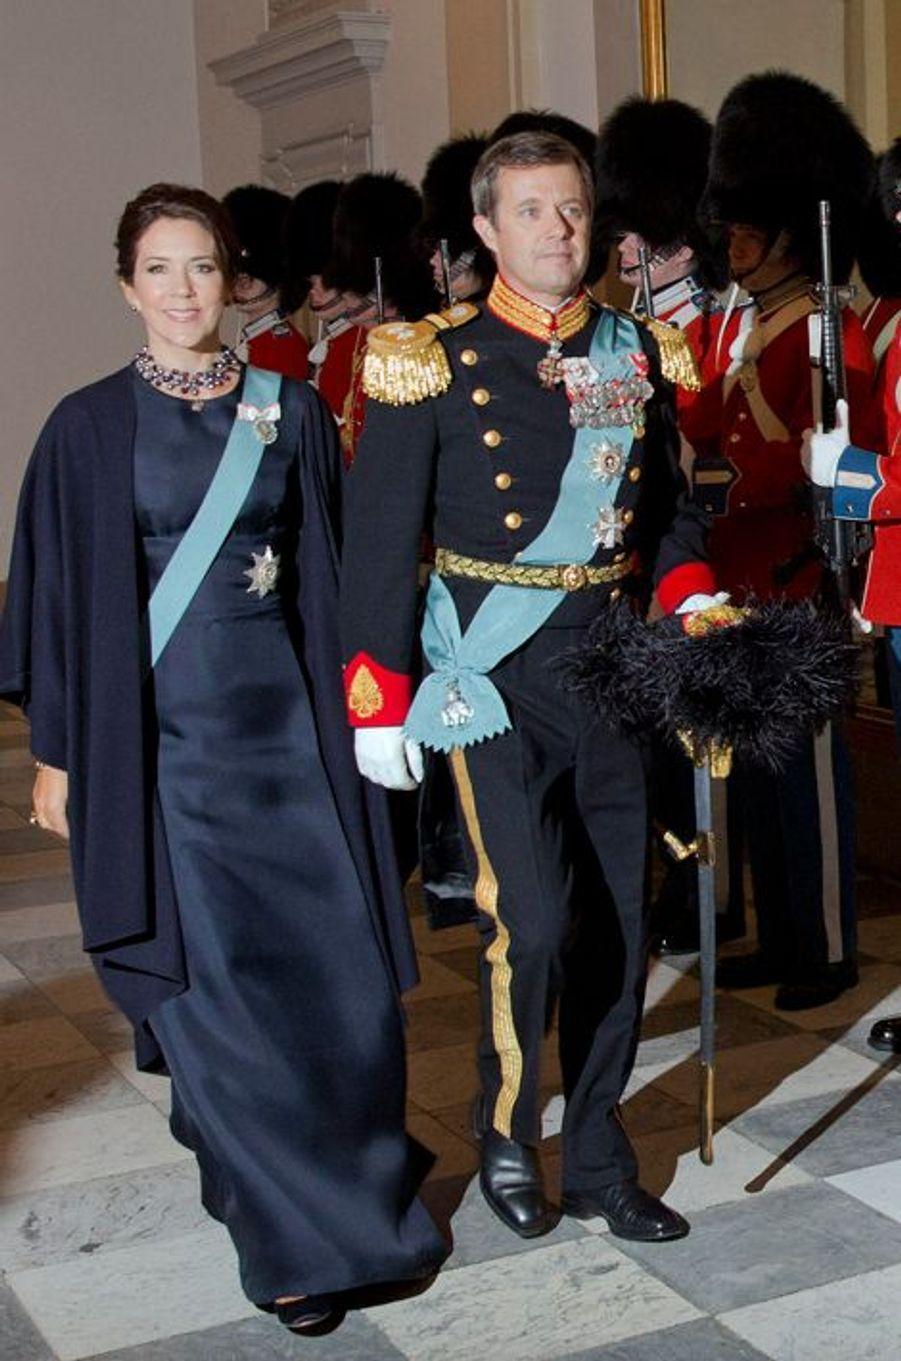 La princesse Mary et le prince Frederik de Danemark au château de Christiansborg à Copenhague, le 6 janvier 2016